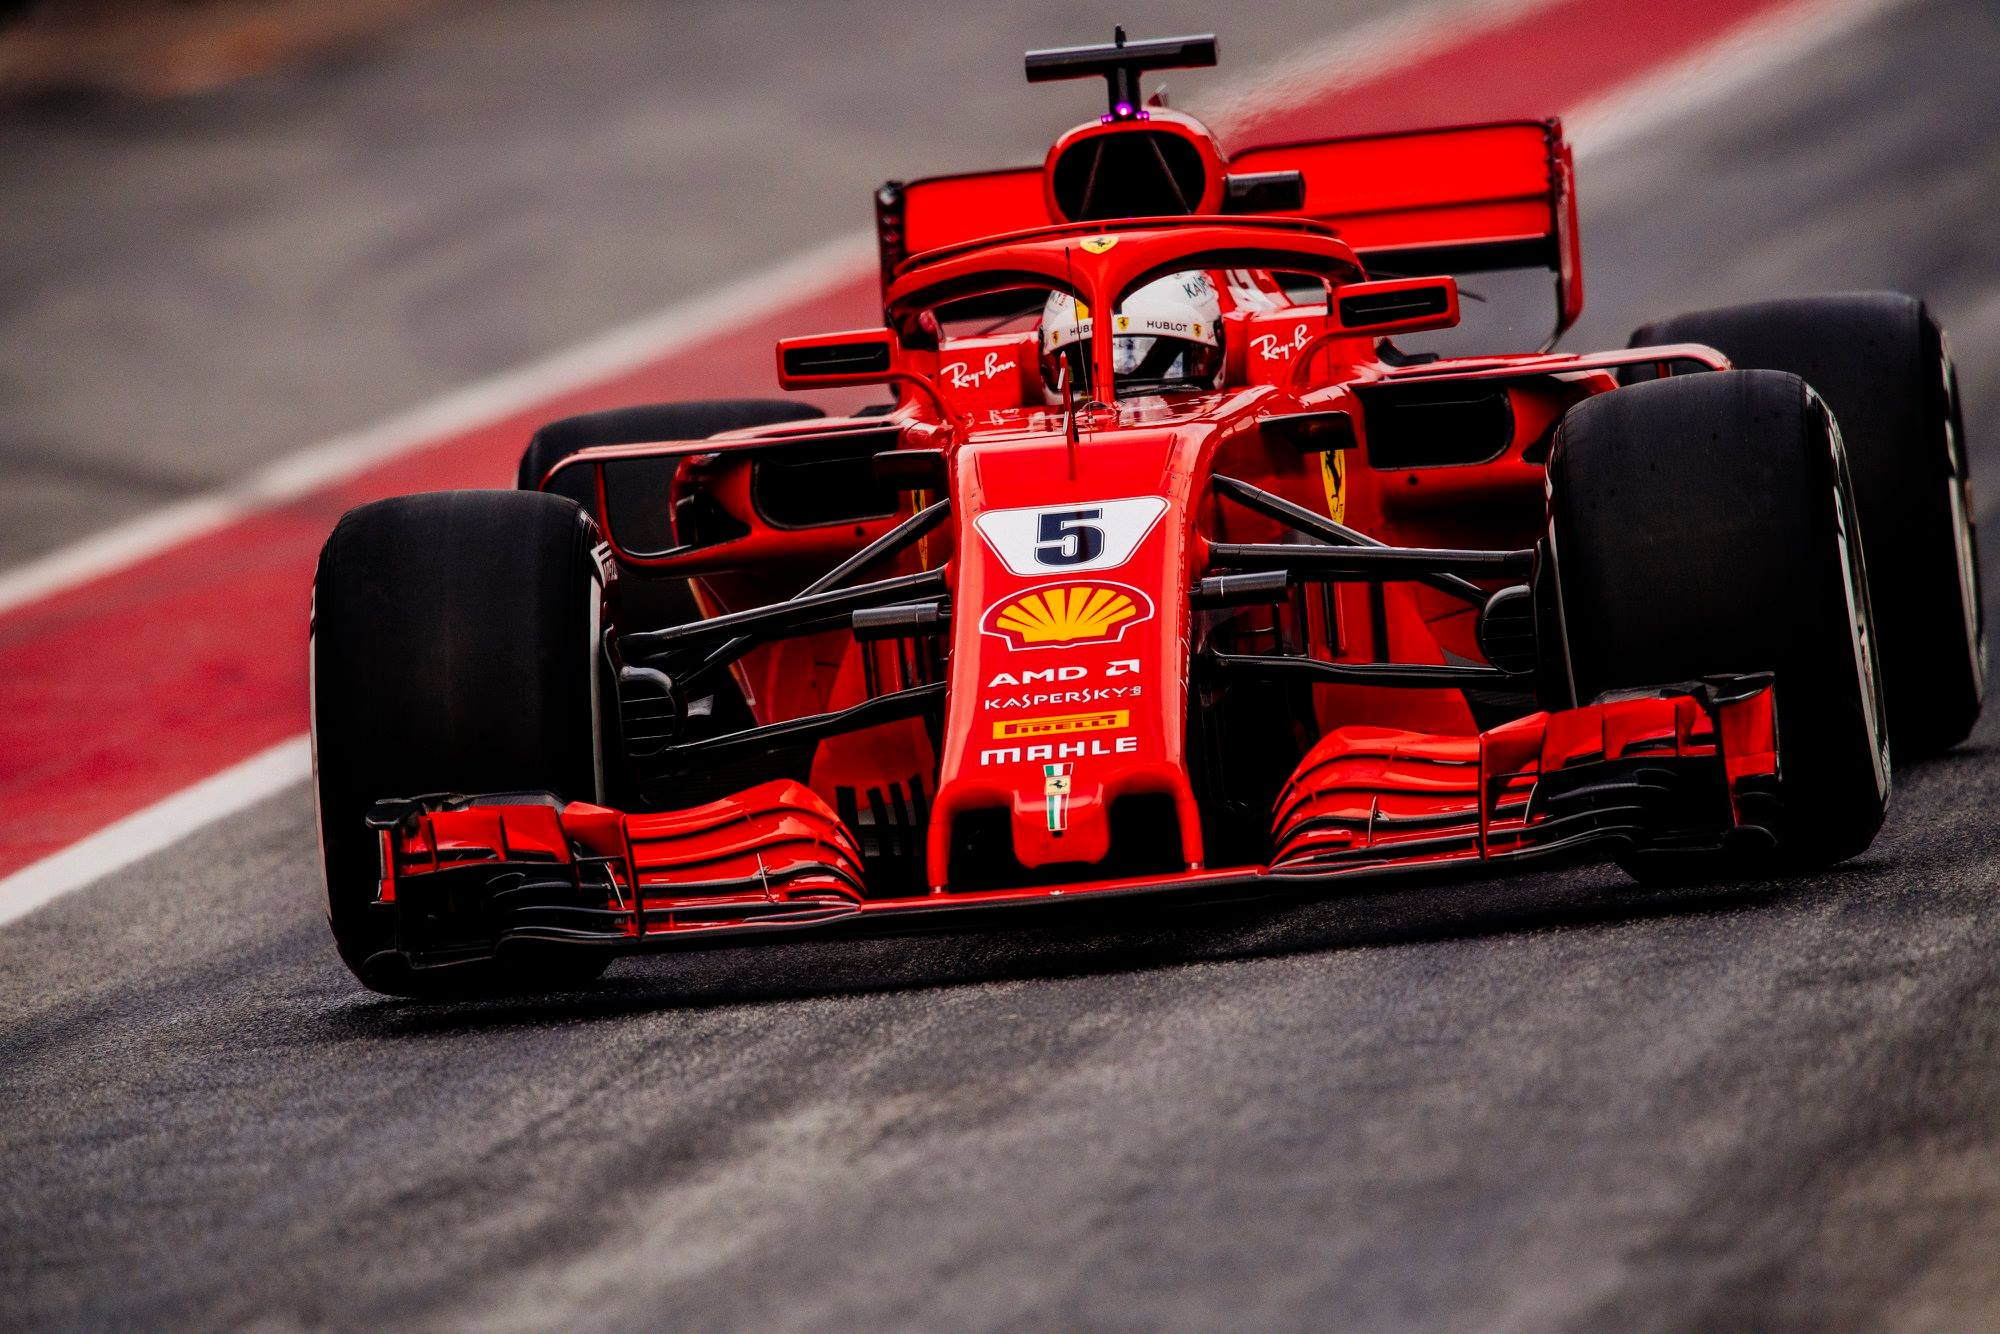 2018 Scuderia Ferrari car